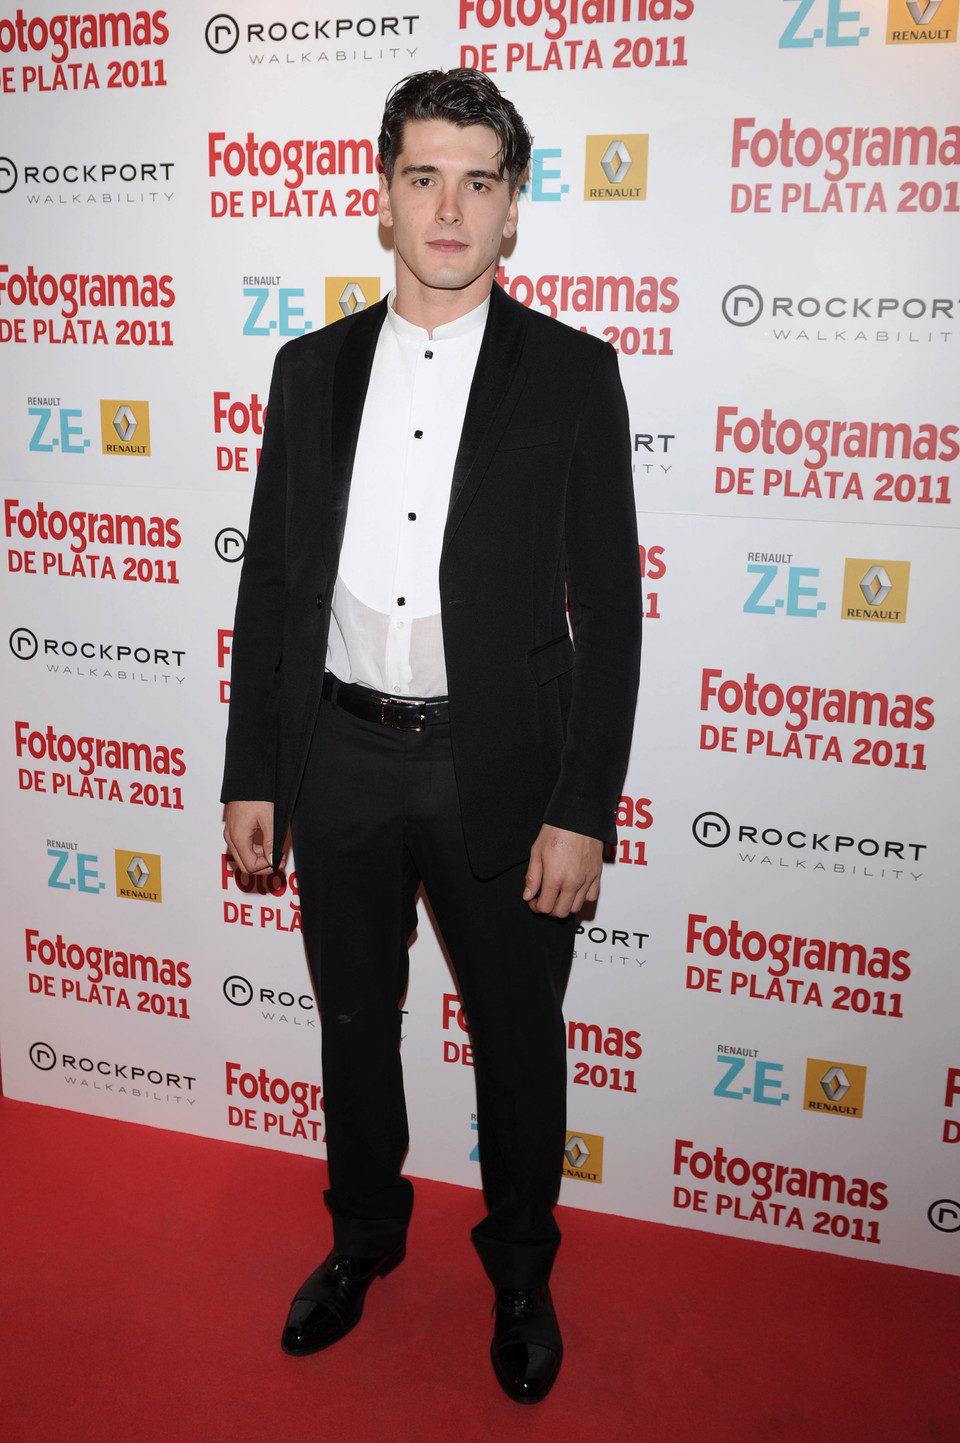 Yon González en los Fotogramas de Plata 2011